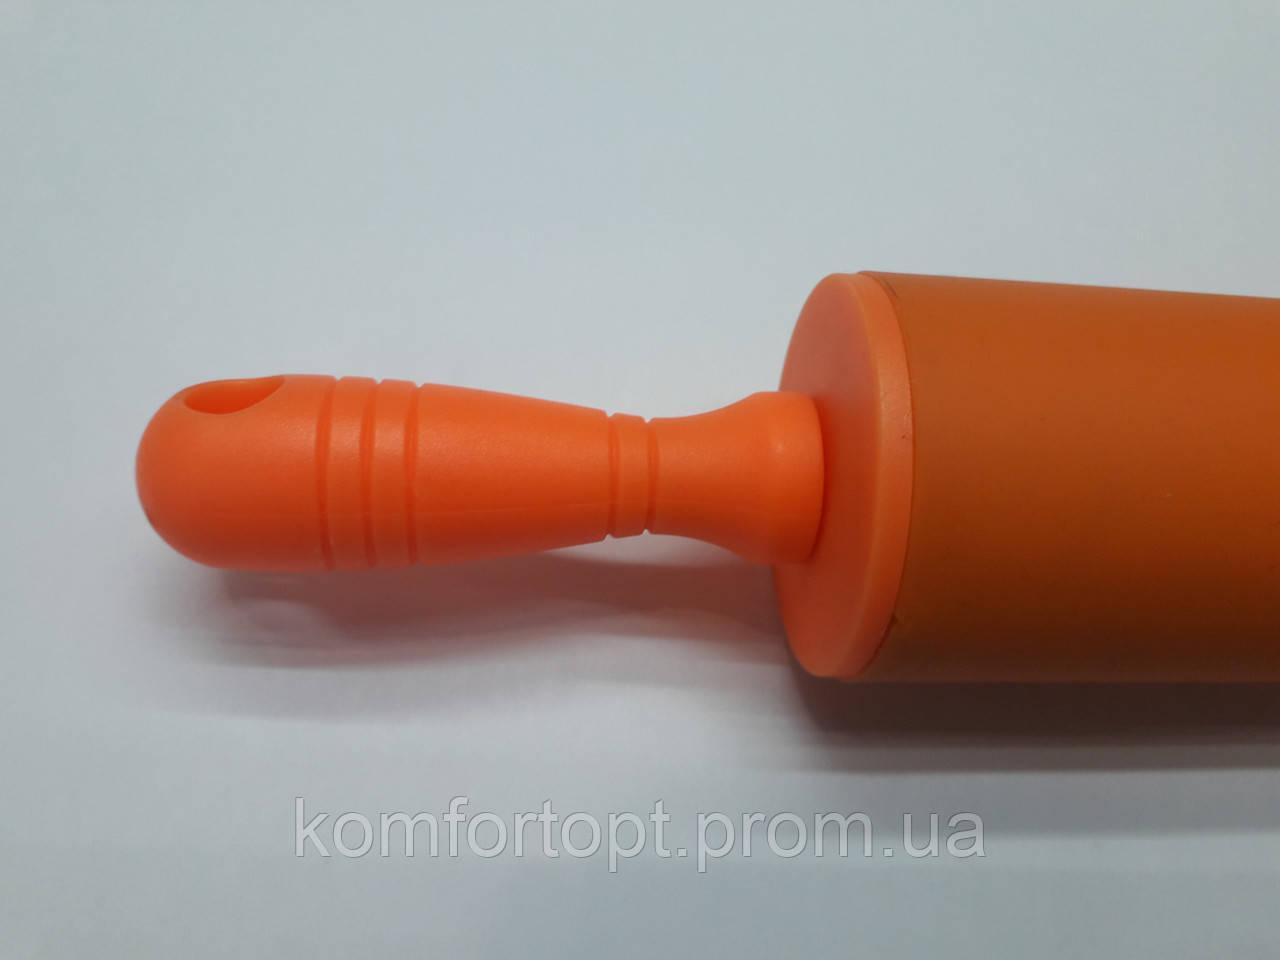 Скалка с силиконовым покрытием маленькая